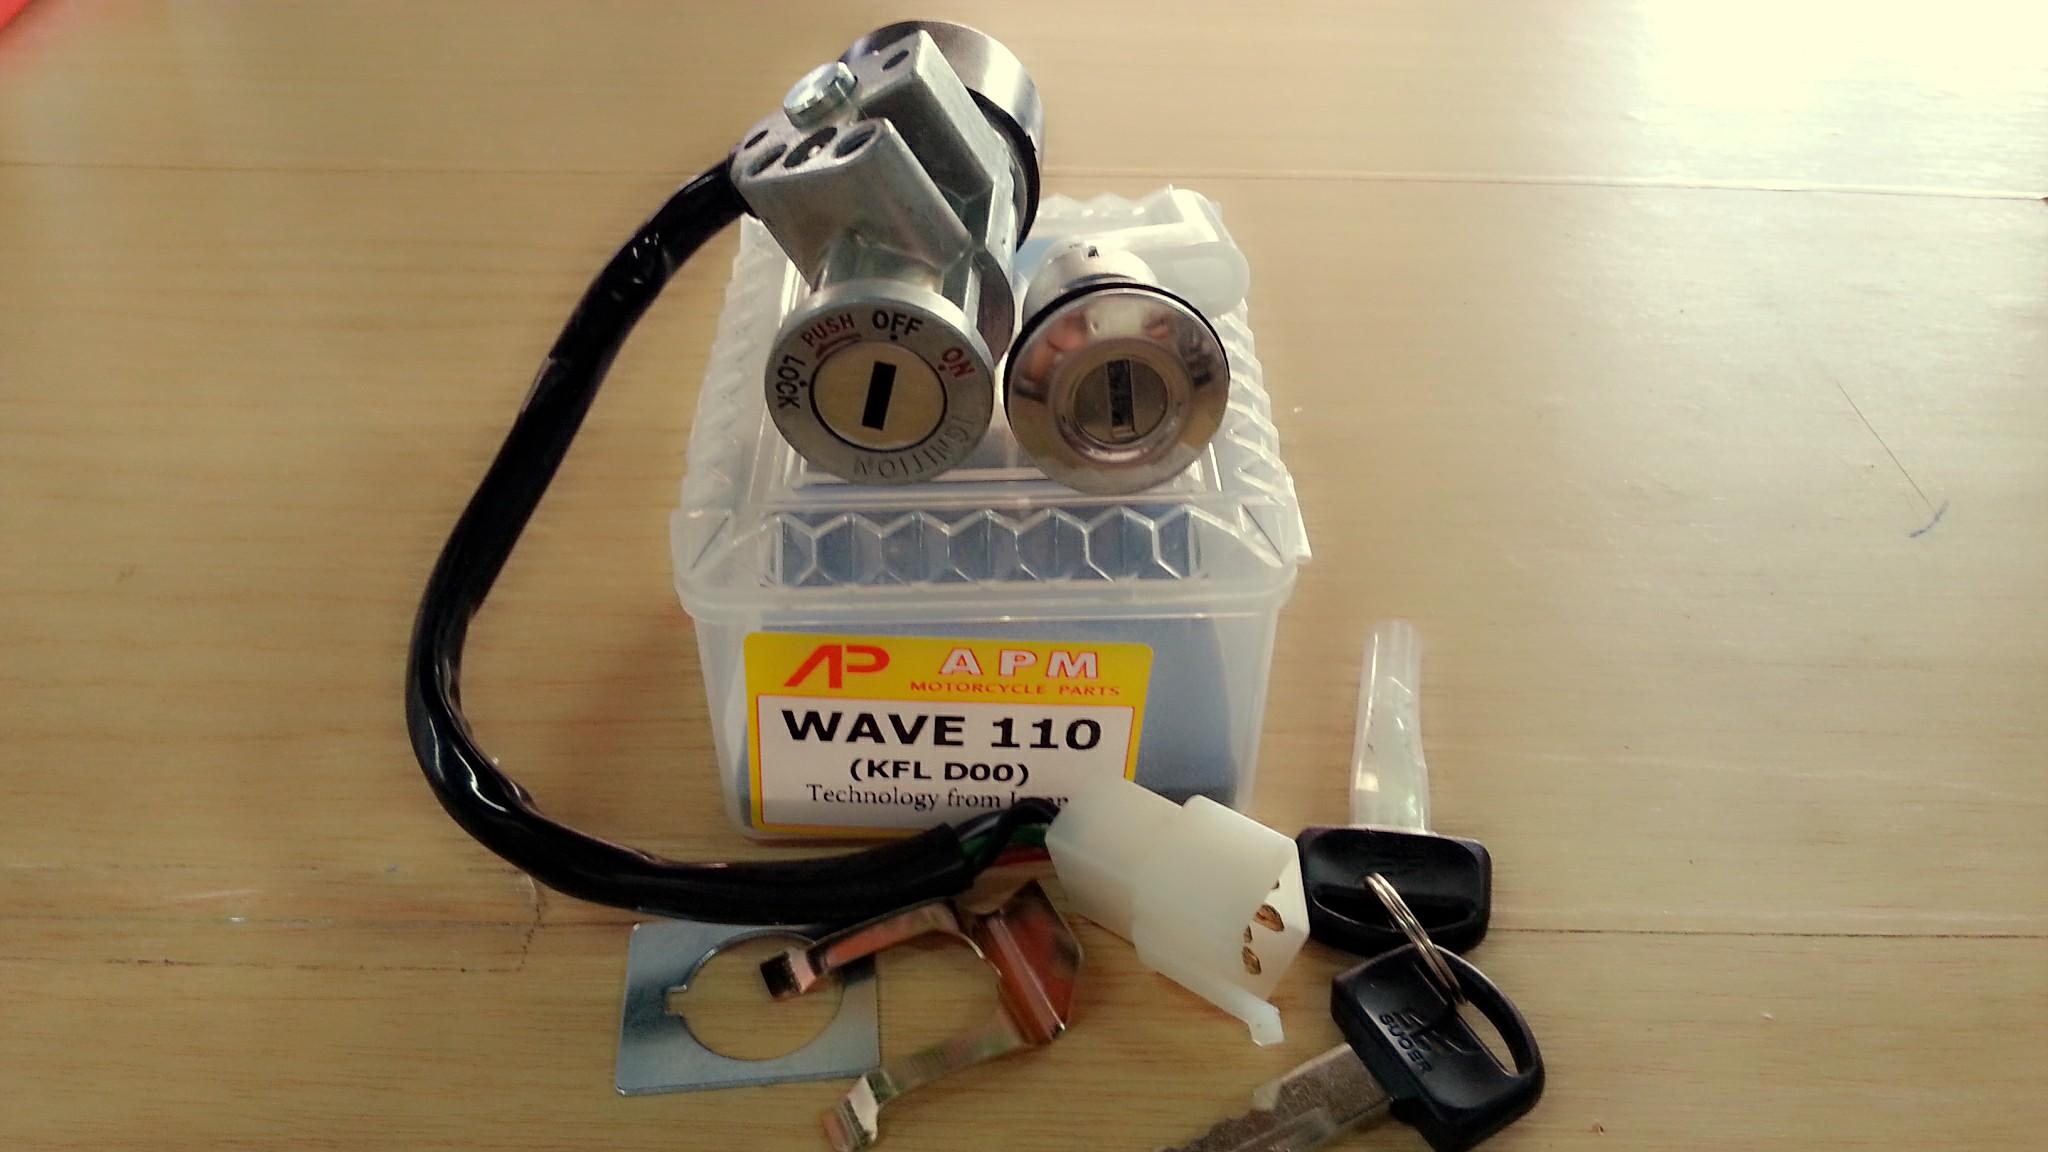 สวิทช์กุญแจ Wave110 ปี 2000-2004